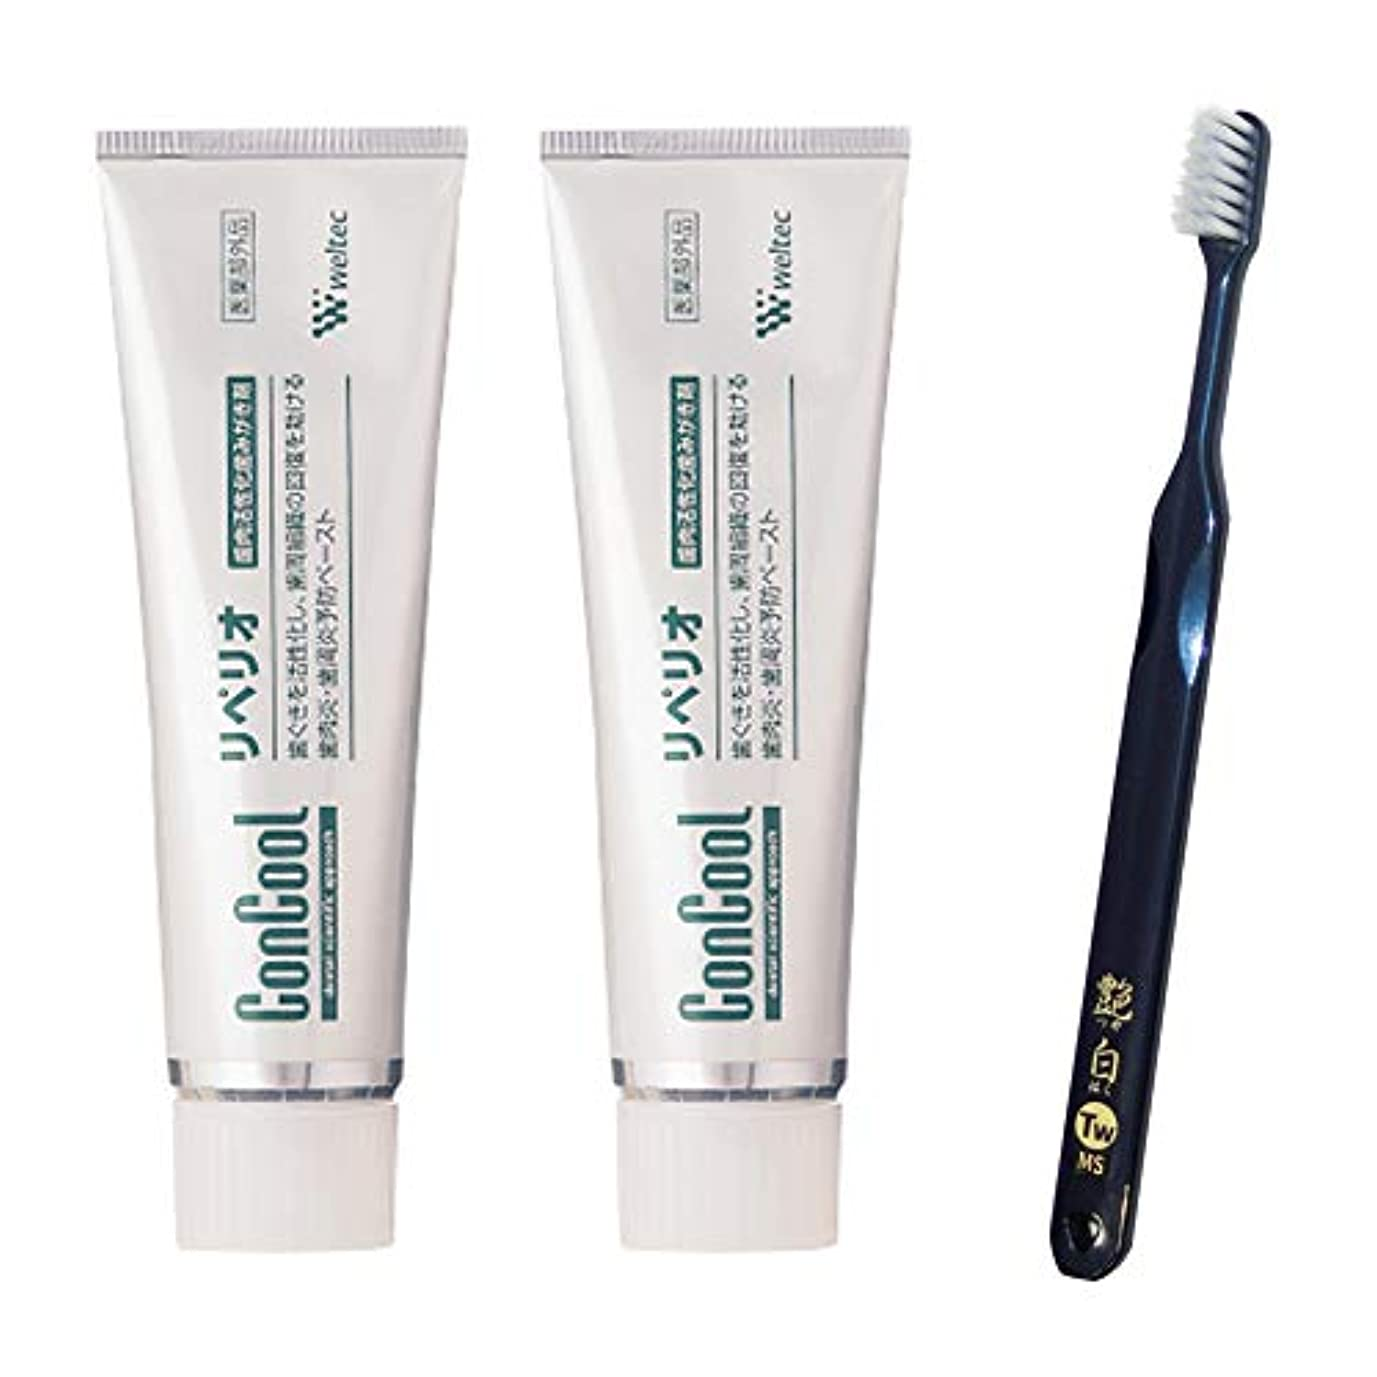 露ワイプポンドコンクール リペリオ 80g × 2本 + 艶白 歯ブラシ(日本製) 1本付き MS(やややわらかめ) 歯周病予防 歯科医院取扱品